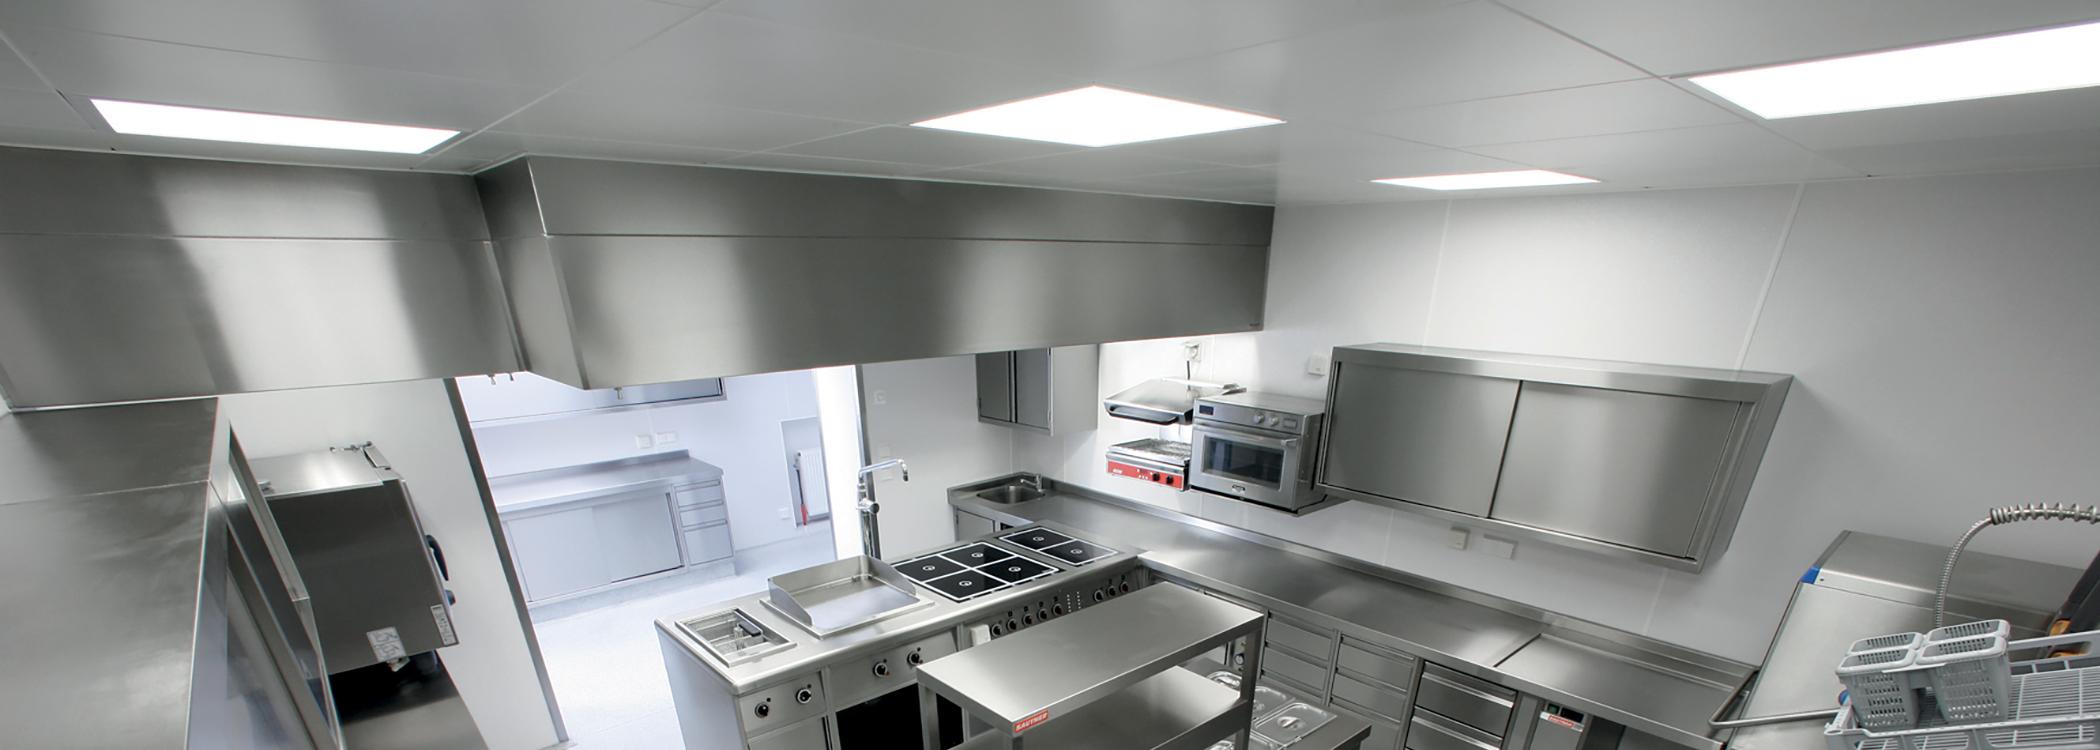 cuisine en plaques glasbord / plafond dalles pvc